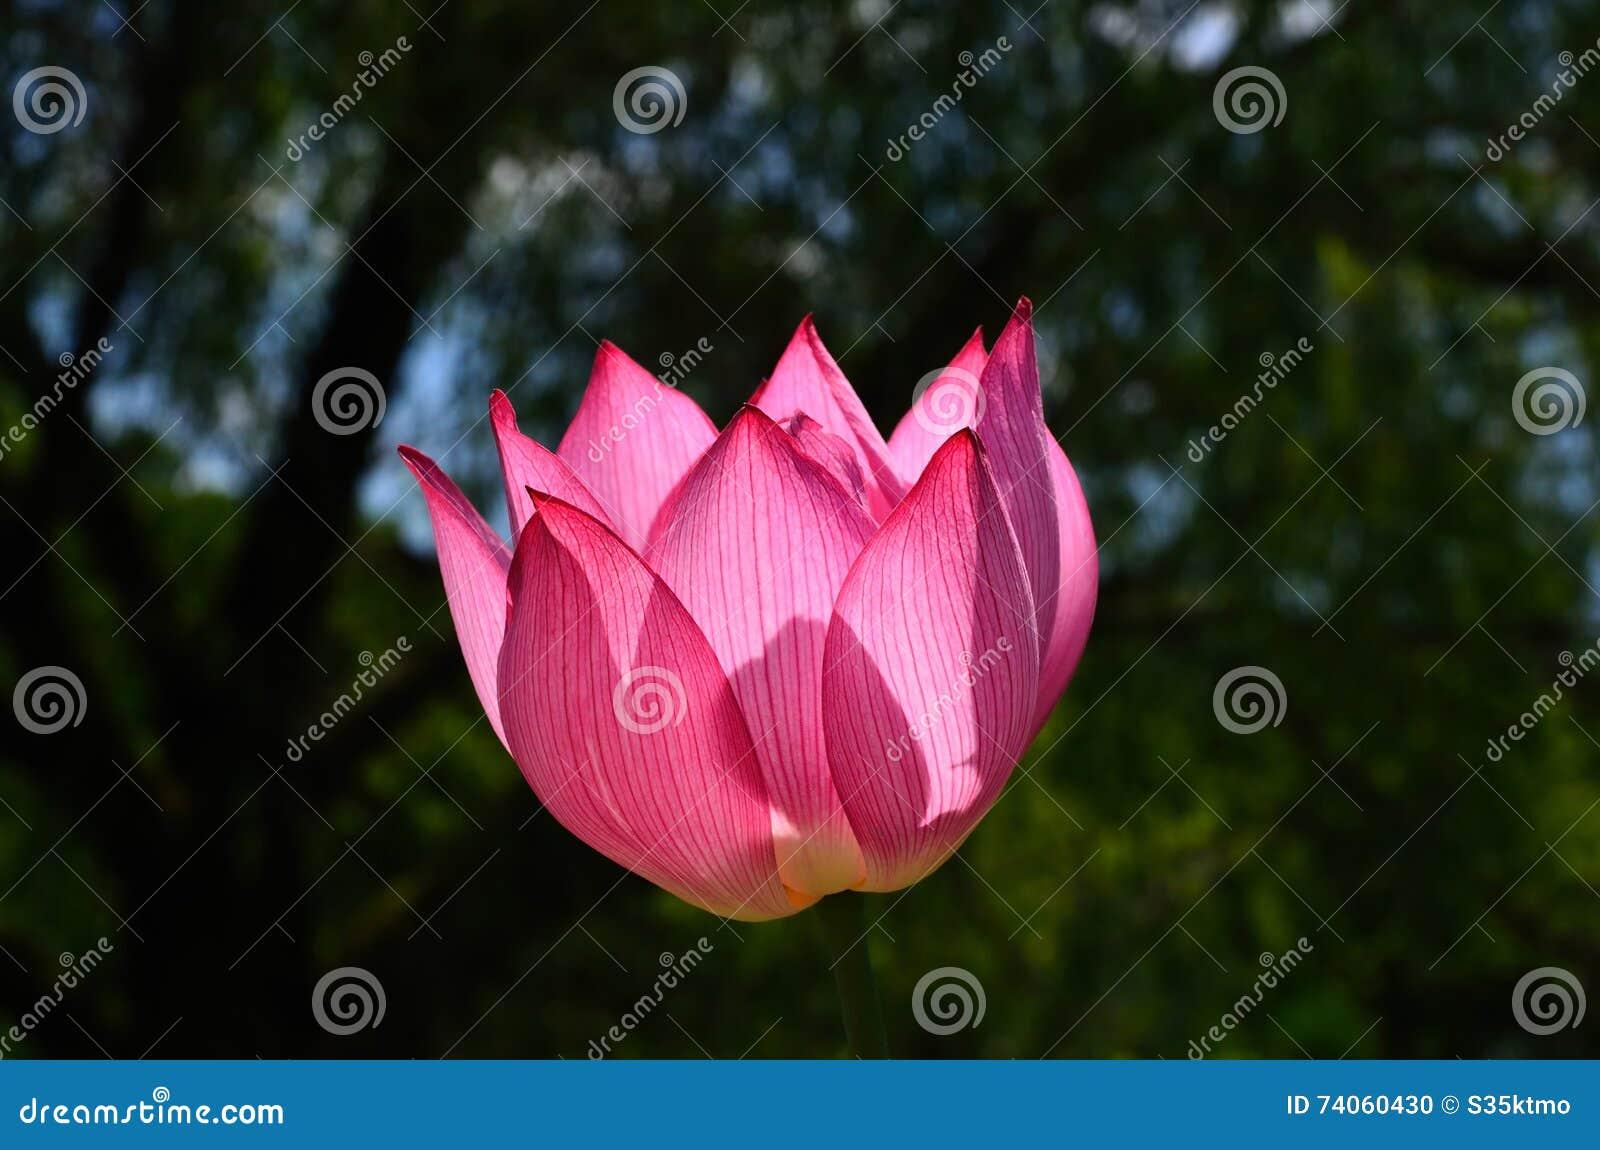 Lotus Flower At Japanese Garden, Kyoto Japan. Stock Photo - Image ...